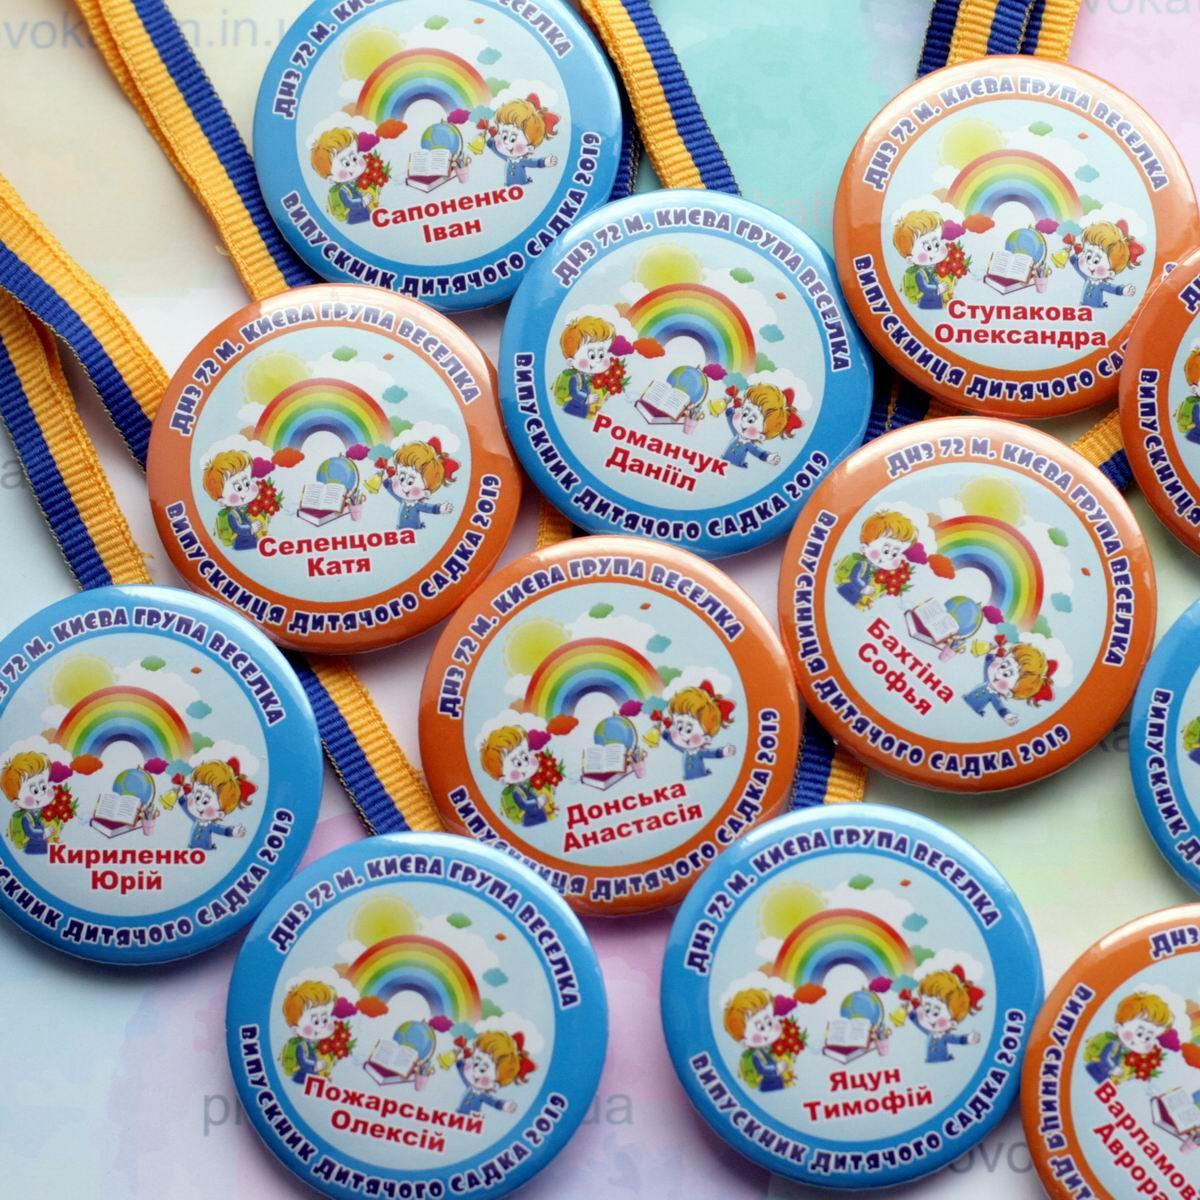 Именная медаль выпускника детского сада, 58мм